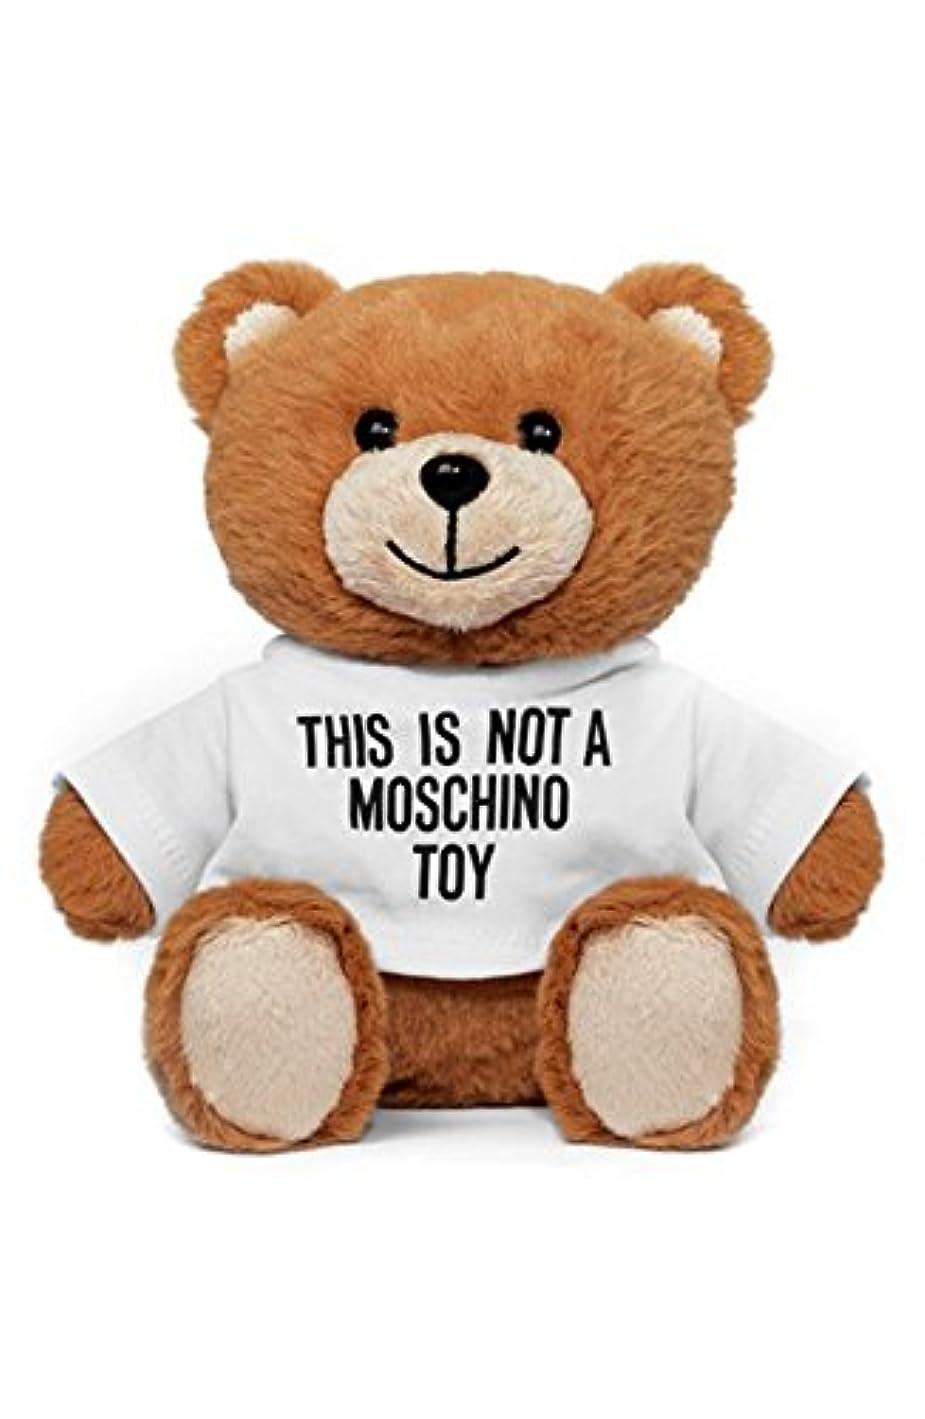 クリップ蝶立法正確なMoschino Toy (モスキーノ トイ) 1.7 oz (50ml) EDT Spray for Unisex